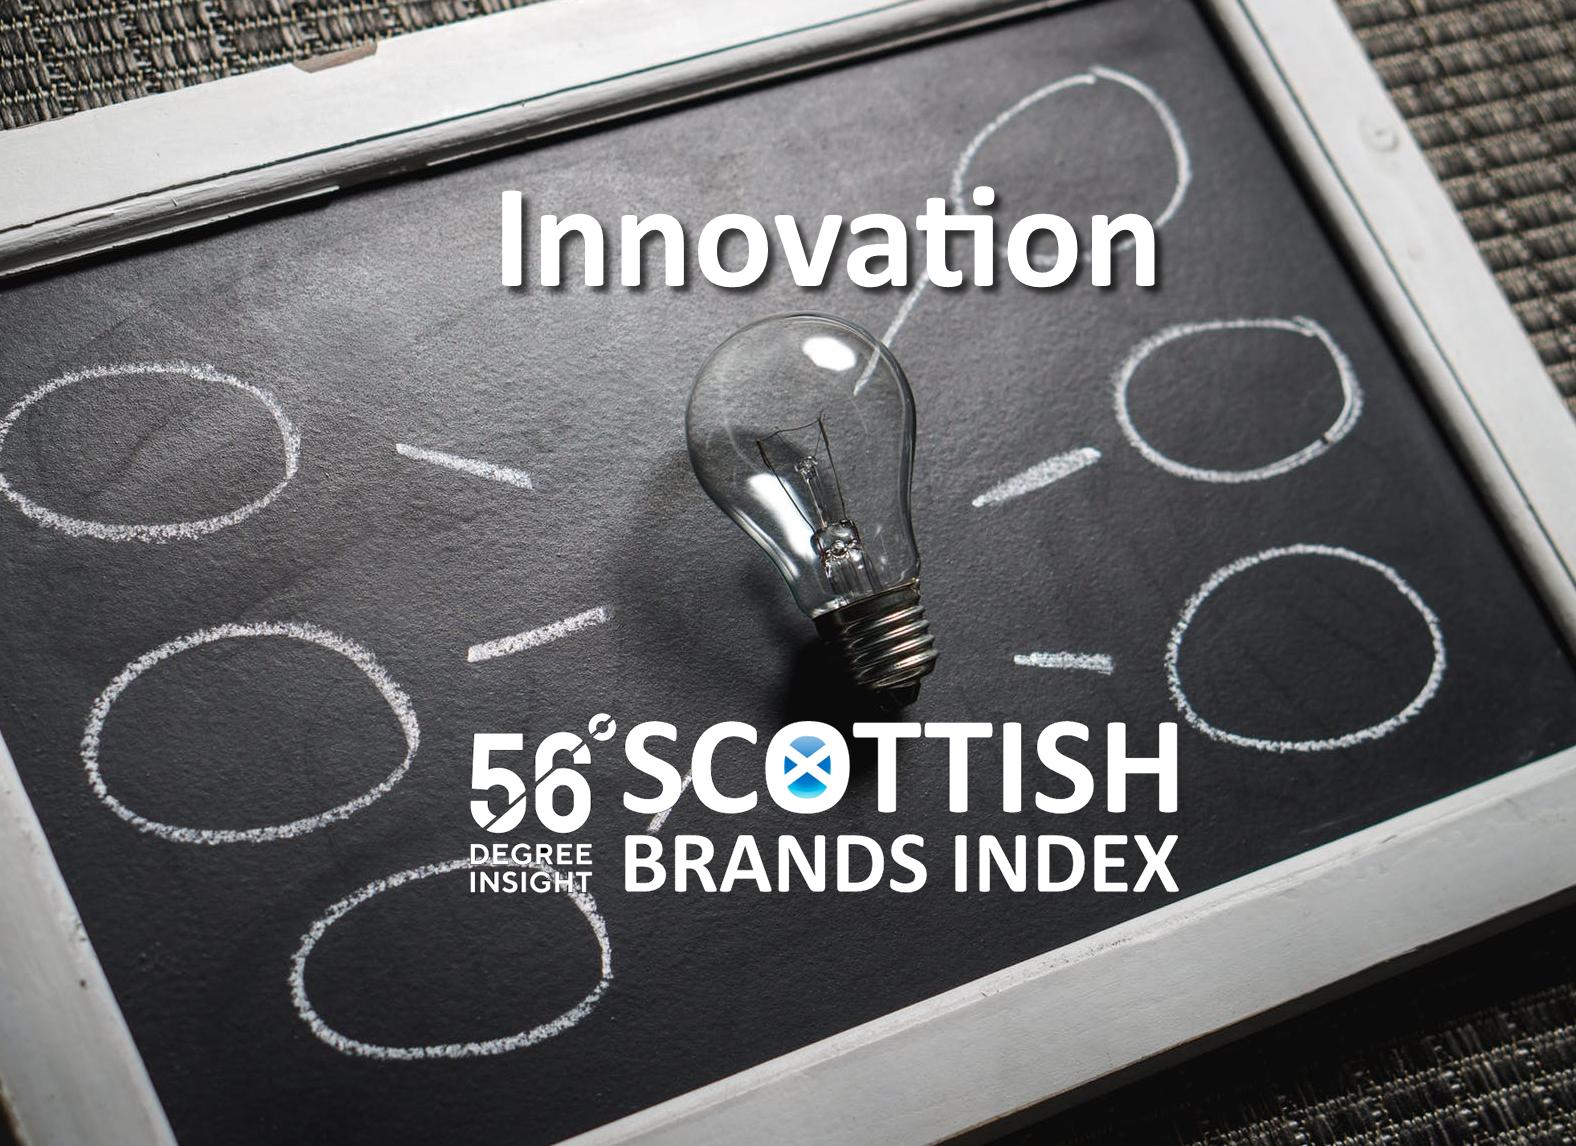 innovation PR image.png